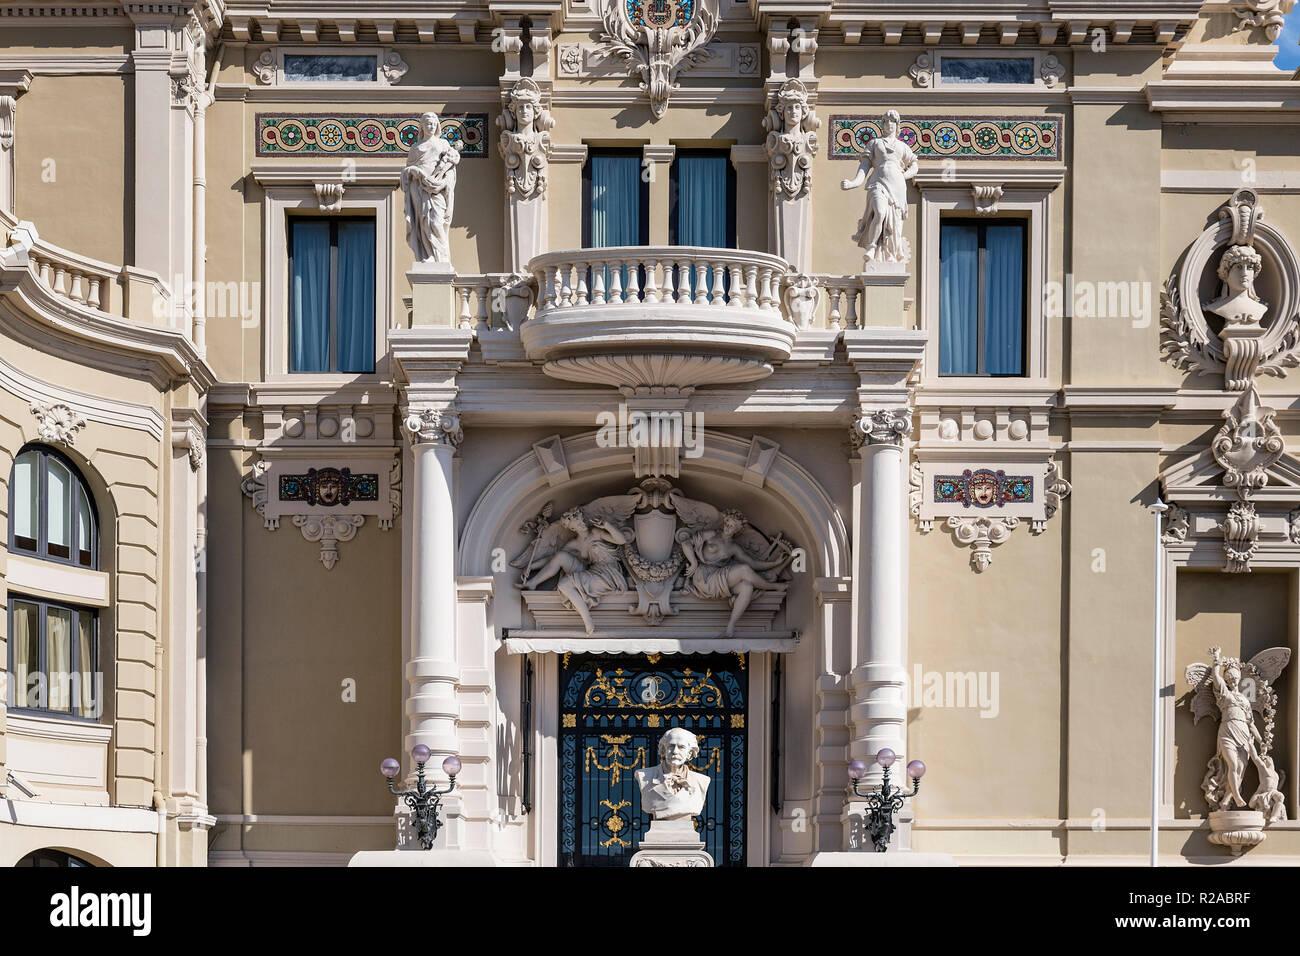 Exterior detail of the Salle Garnier, Opéra de Monte-Carlo, Monaco. - Stock Image